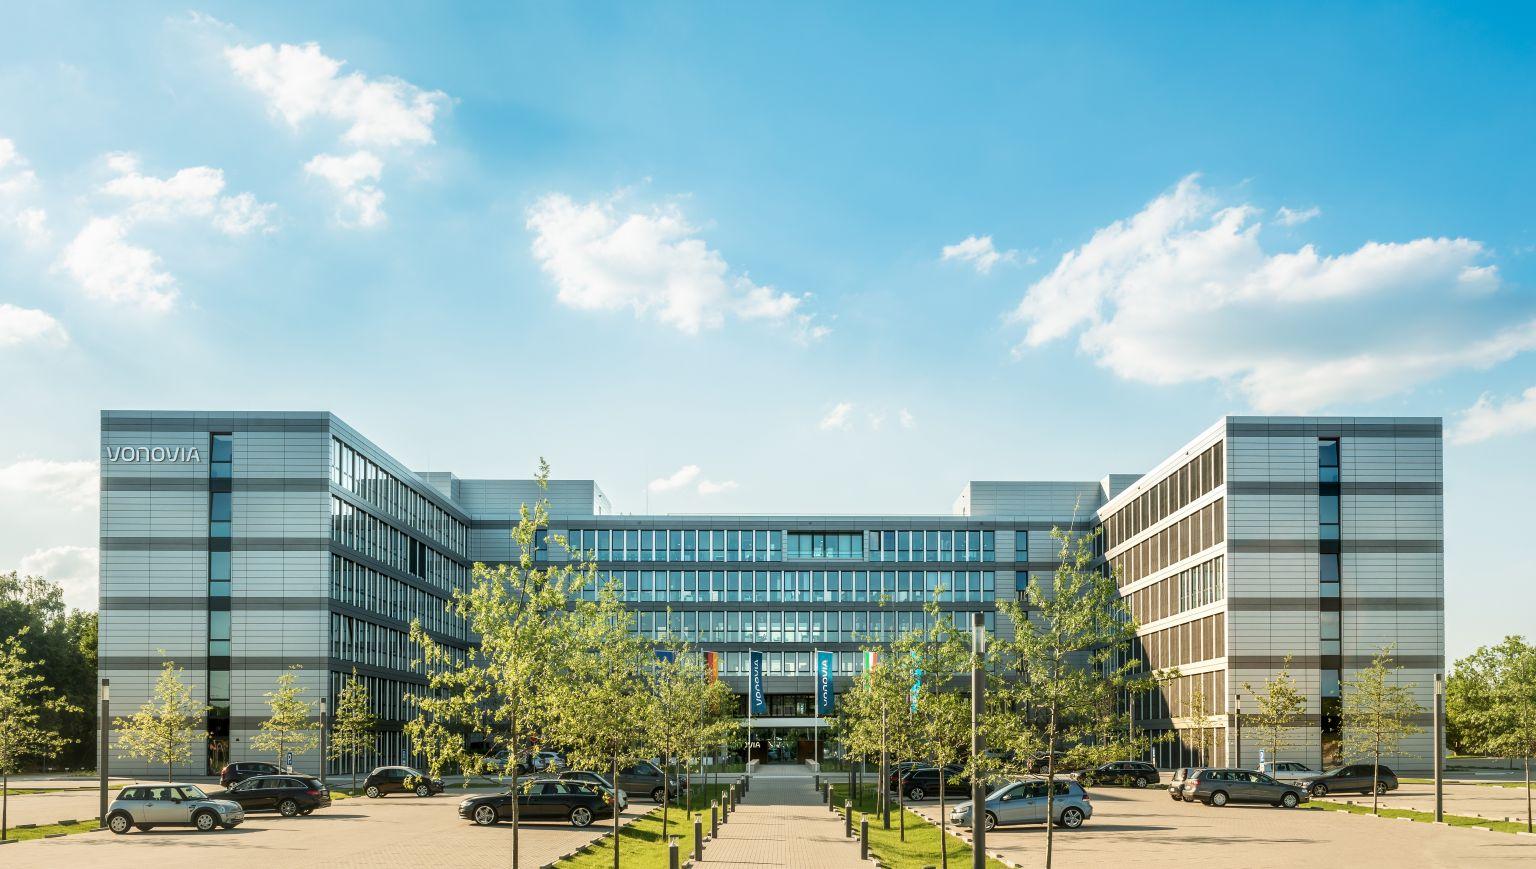 Vonovia platziert über 4 Milliarden Euro